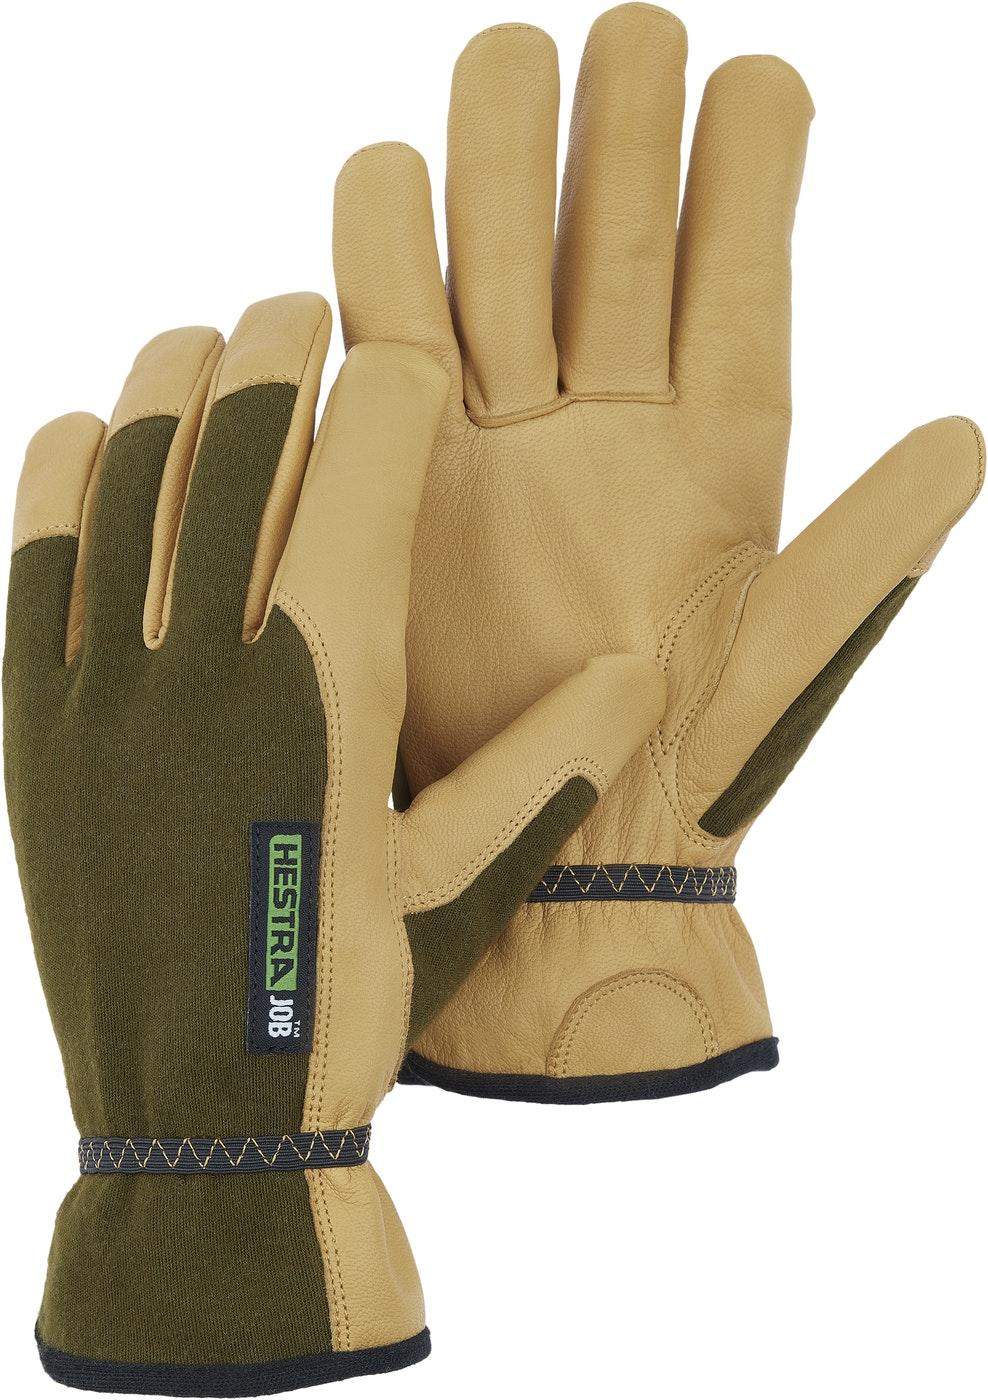 Hestra Handske